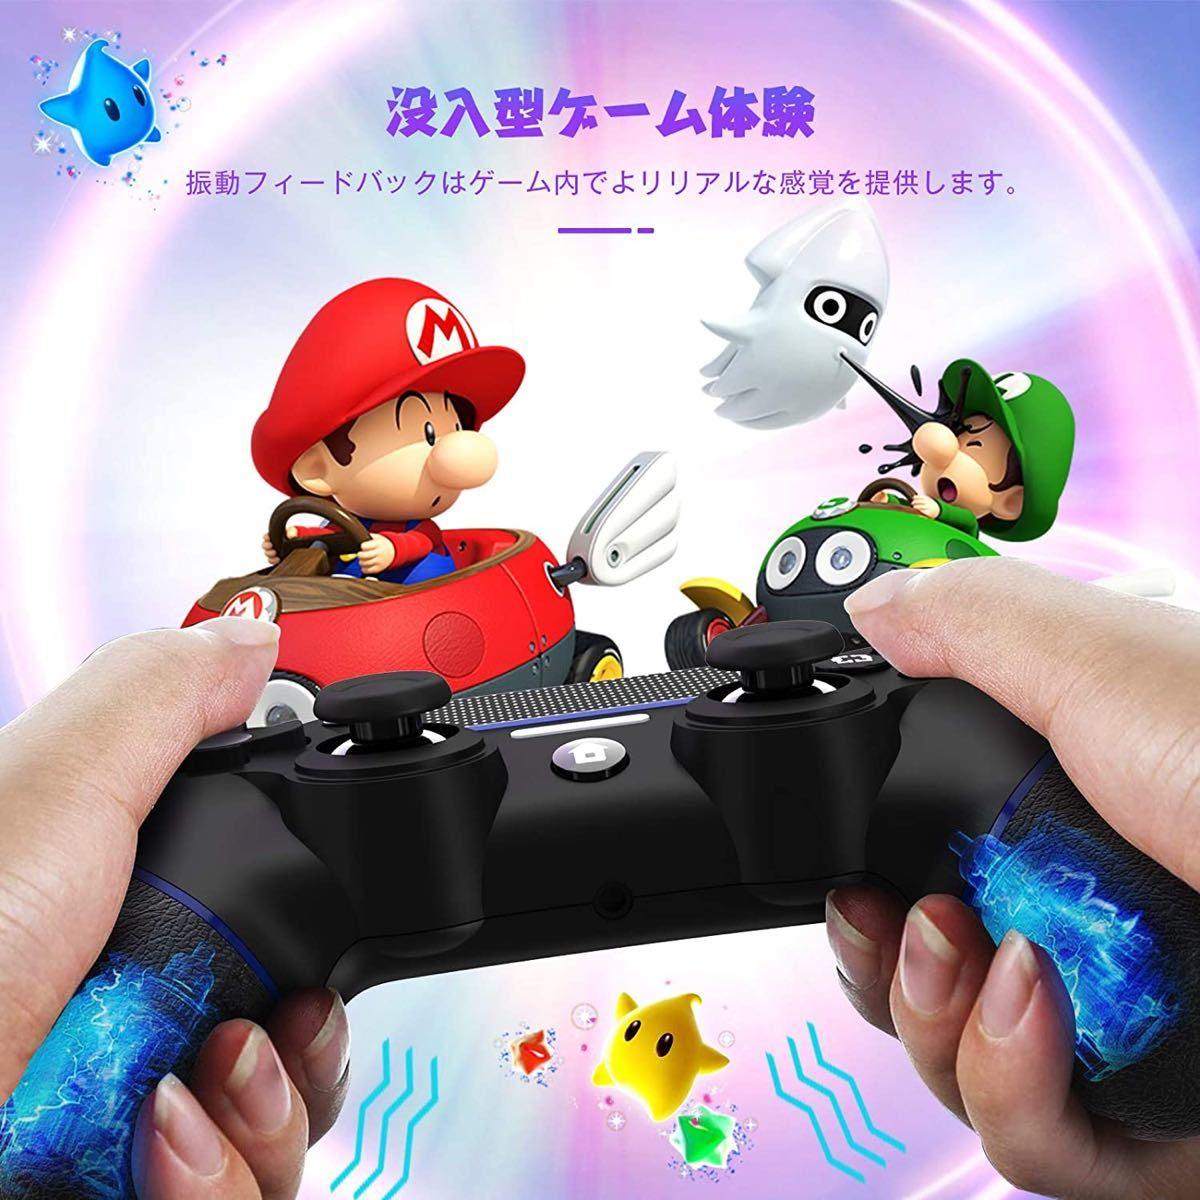 PS4 ワイヤレスコントローラー ゲームパッド コントローラー DUALSHOCK4 ゲームパッド 無線